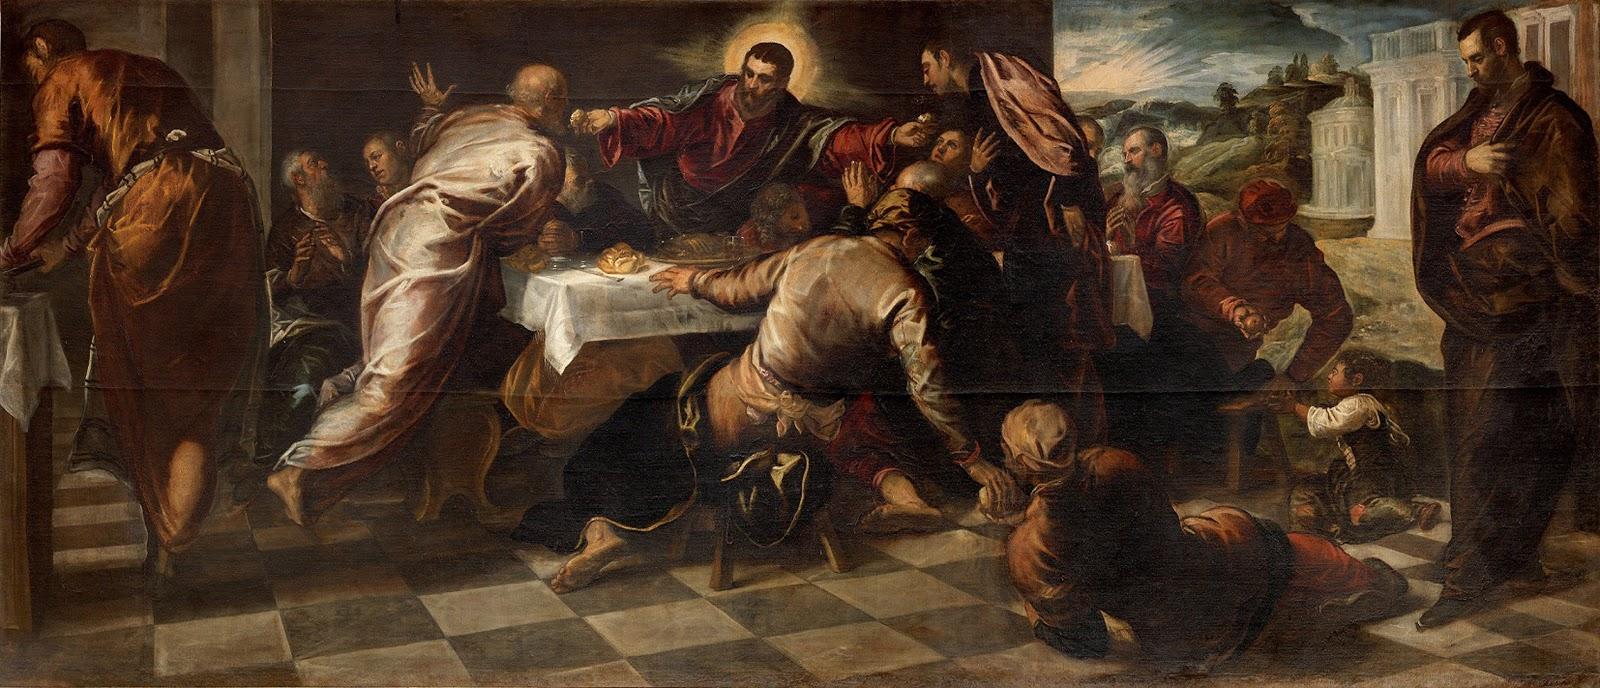 Last Supper , Tintoretto, 1568-69. Chiesa di San Polo, Venice